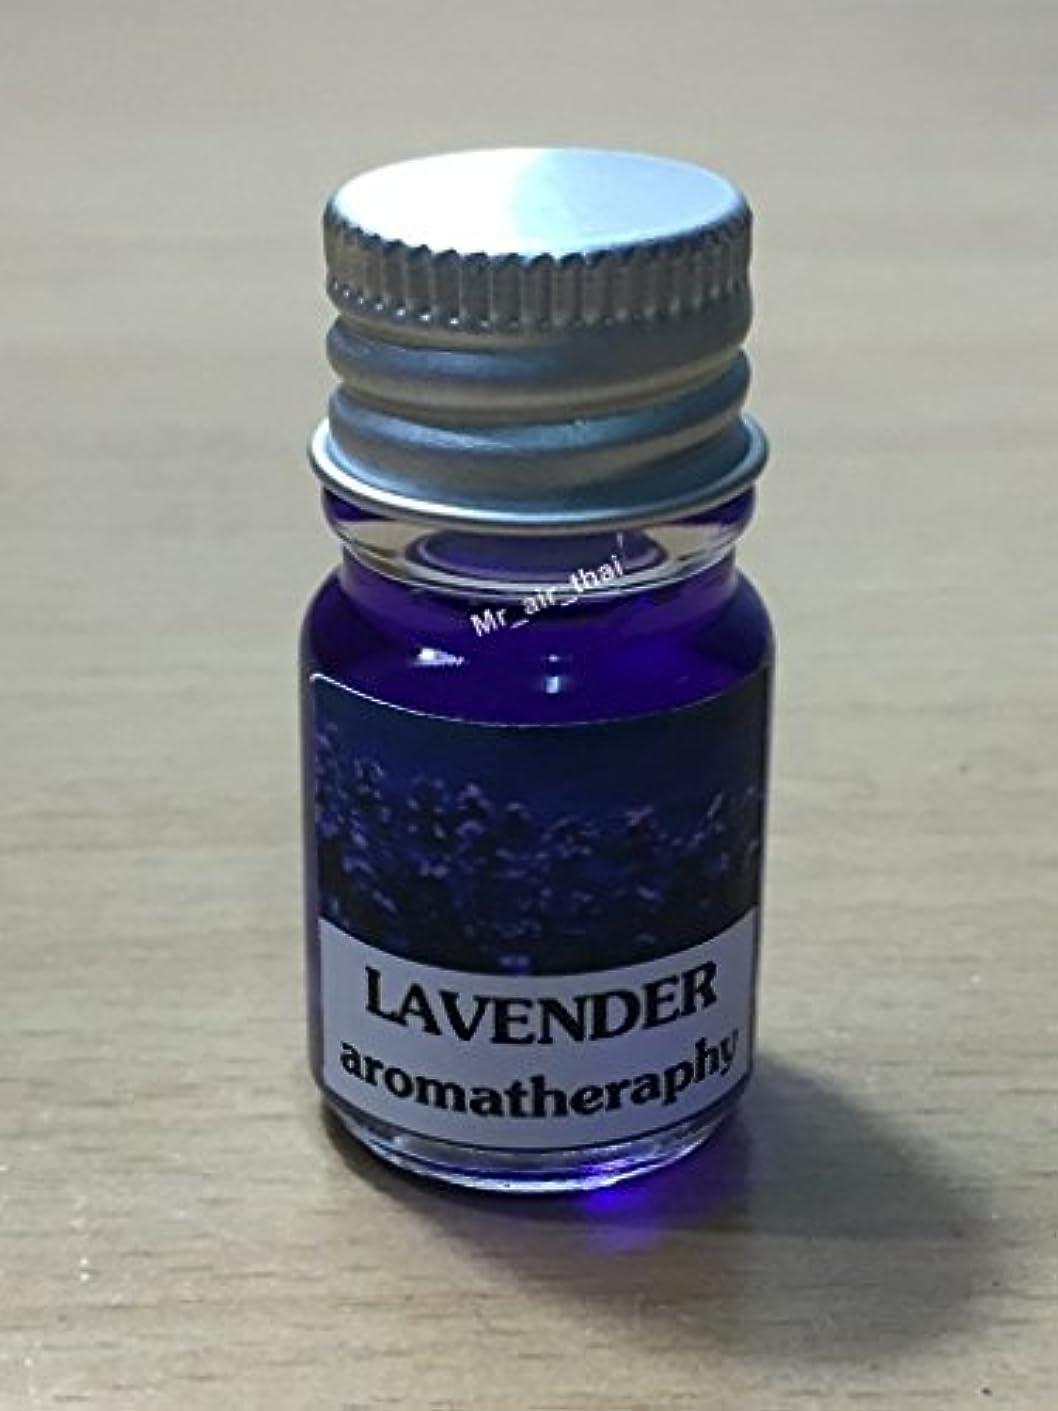 忌避剤慈悲最大化する5ミリリットルアロマラベンダーフランクインセンスエッセンシャルオイルボトルアロマテラピーオイル自然自然5ml Aroma Lavender Frankincense Essential Oil Bottles Aromatherapy...